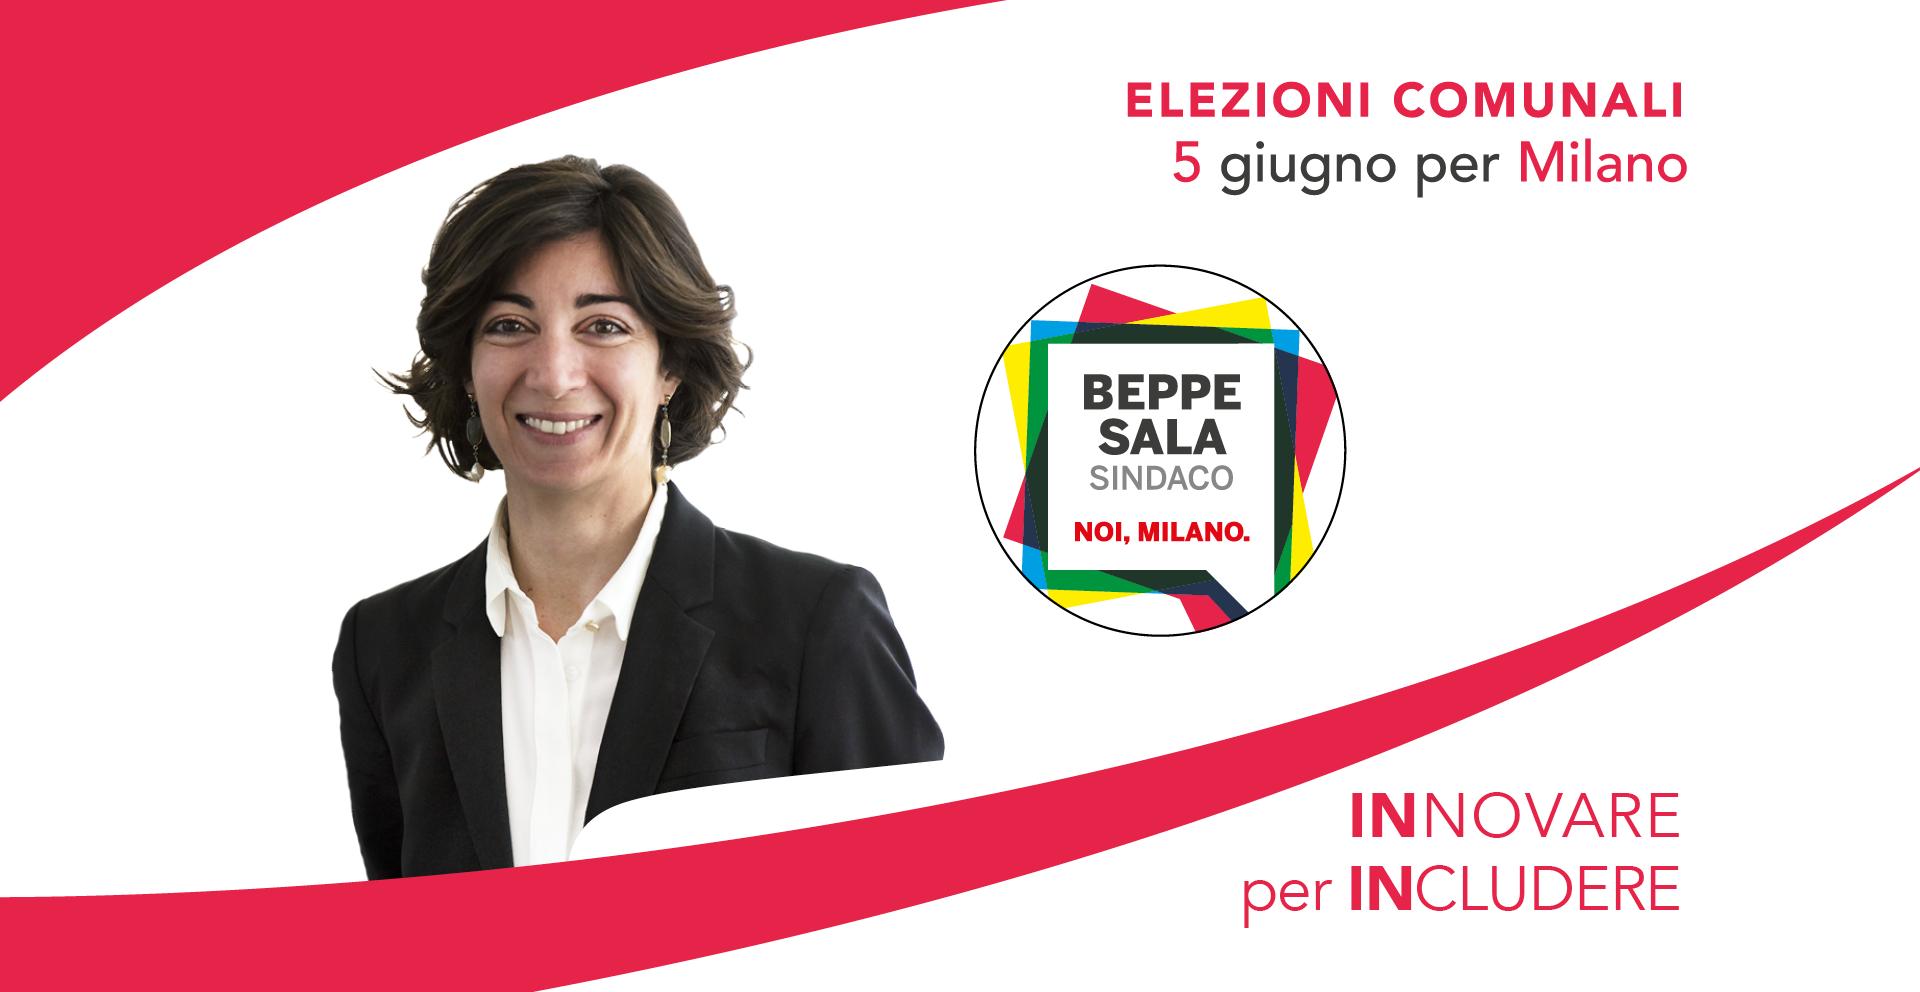 Cristina Tajani, il 5 giugno candidata alle elezioni comunali per Milano